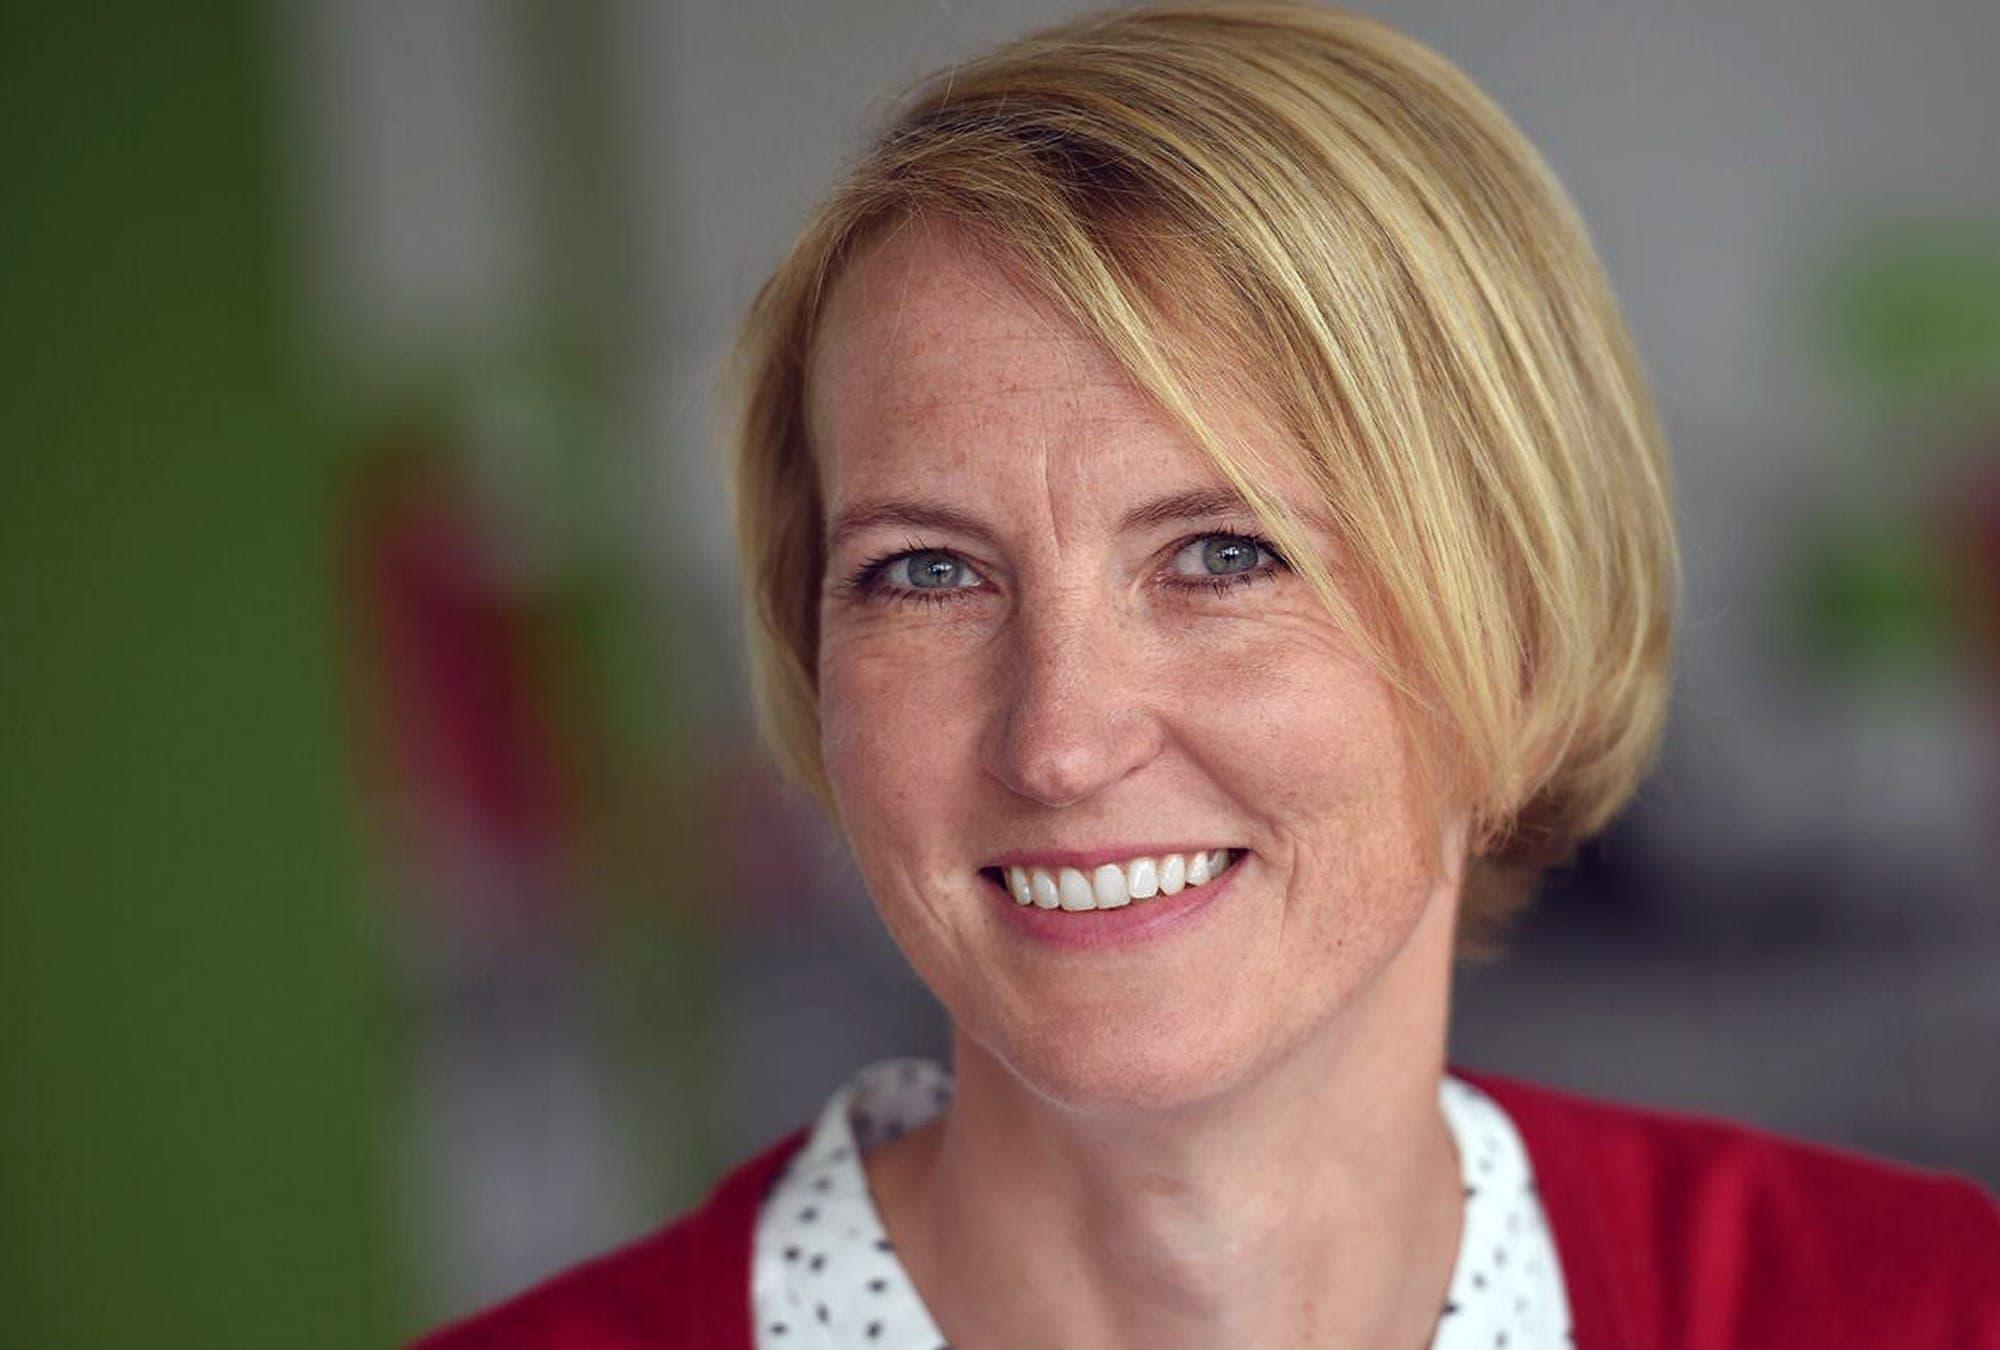 Sonja Mund Christoffel Blindenmission